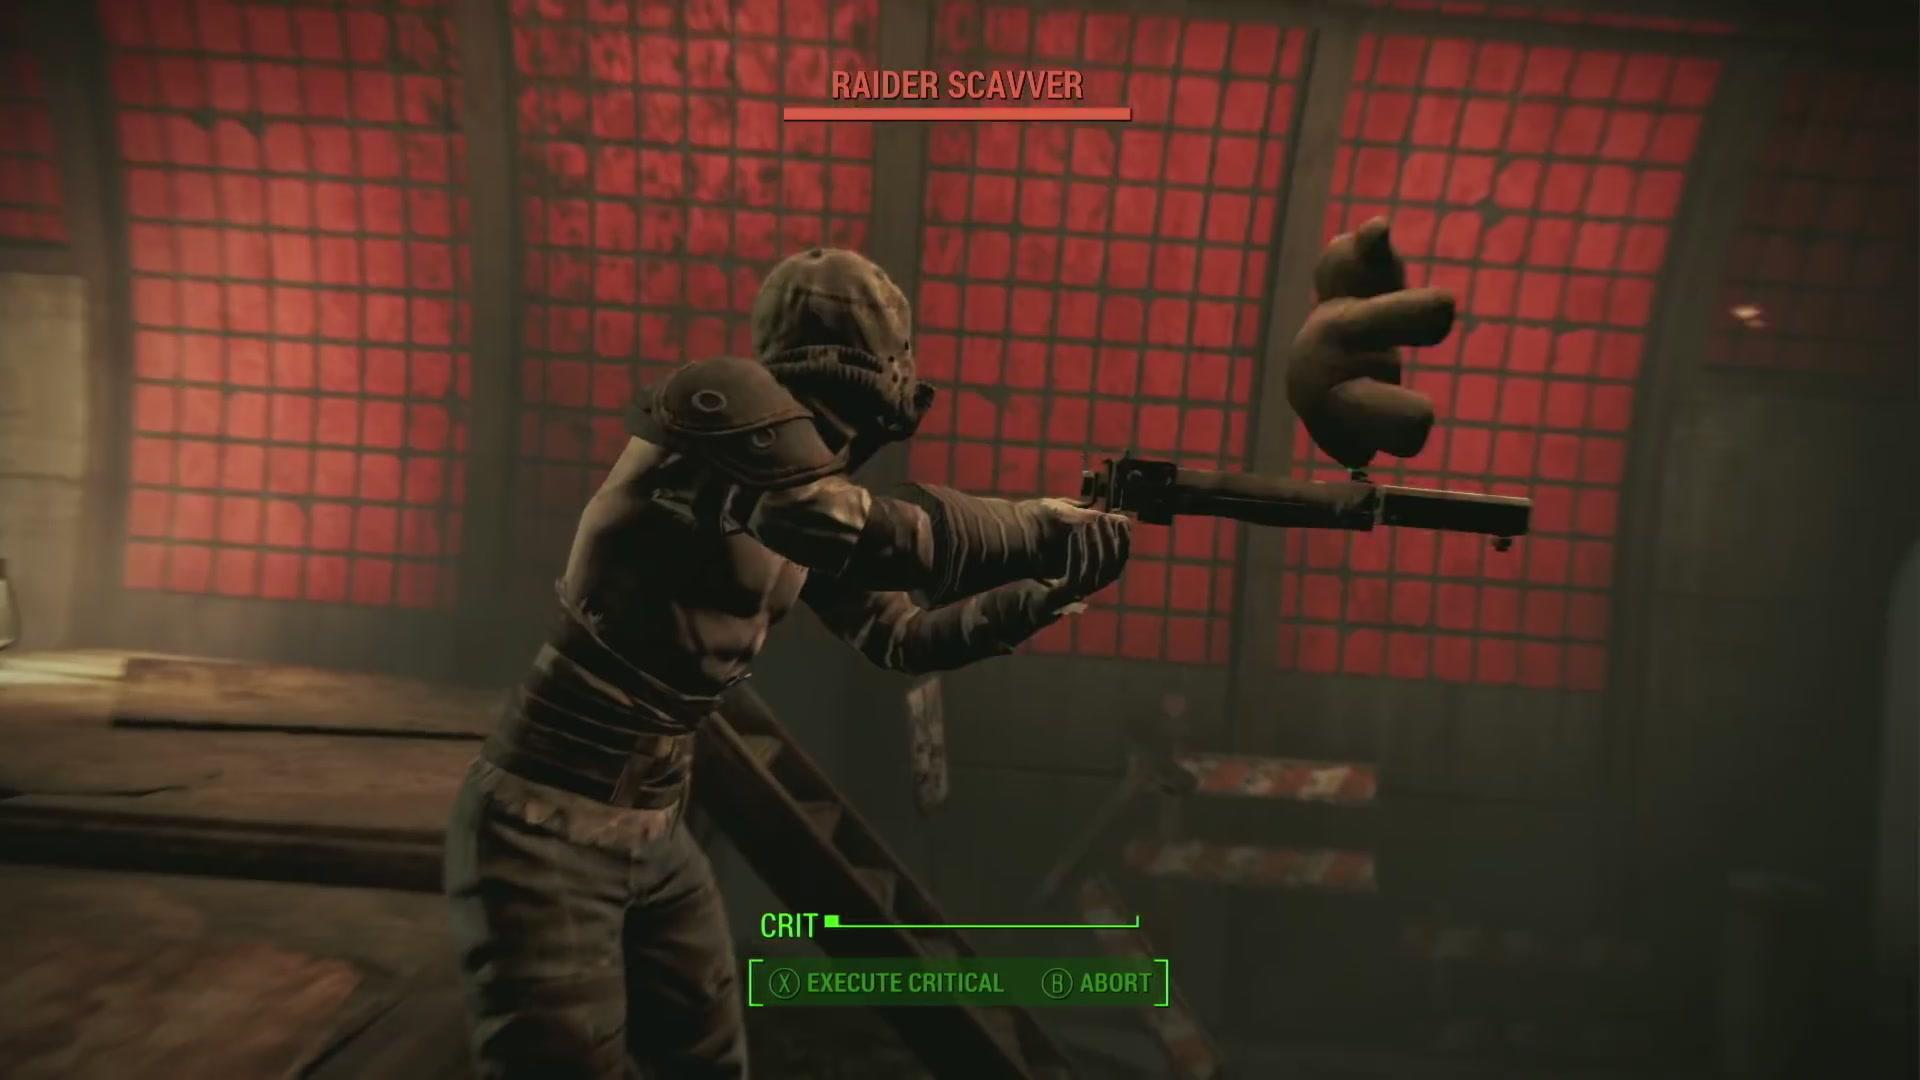 fallout_4_raider_scavver